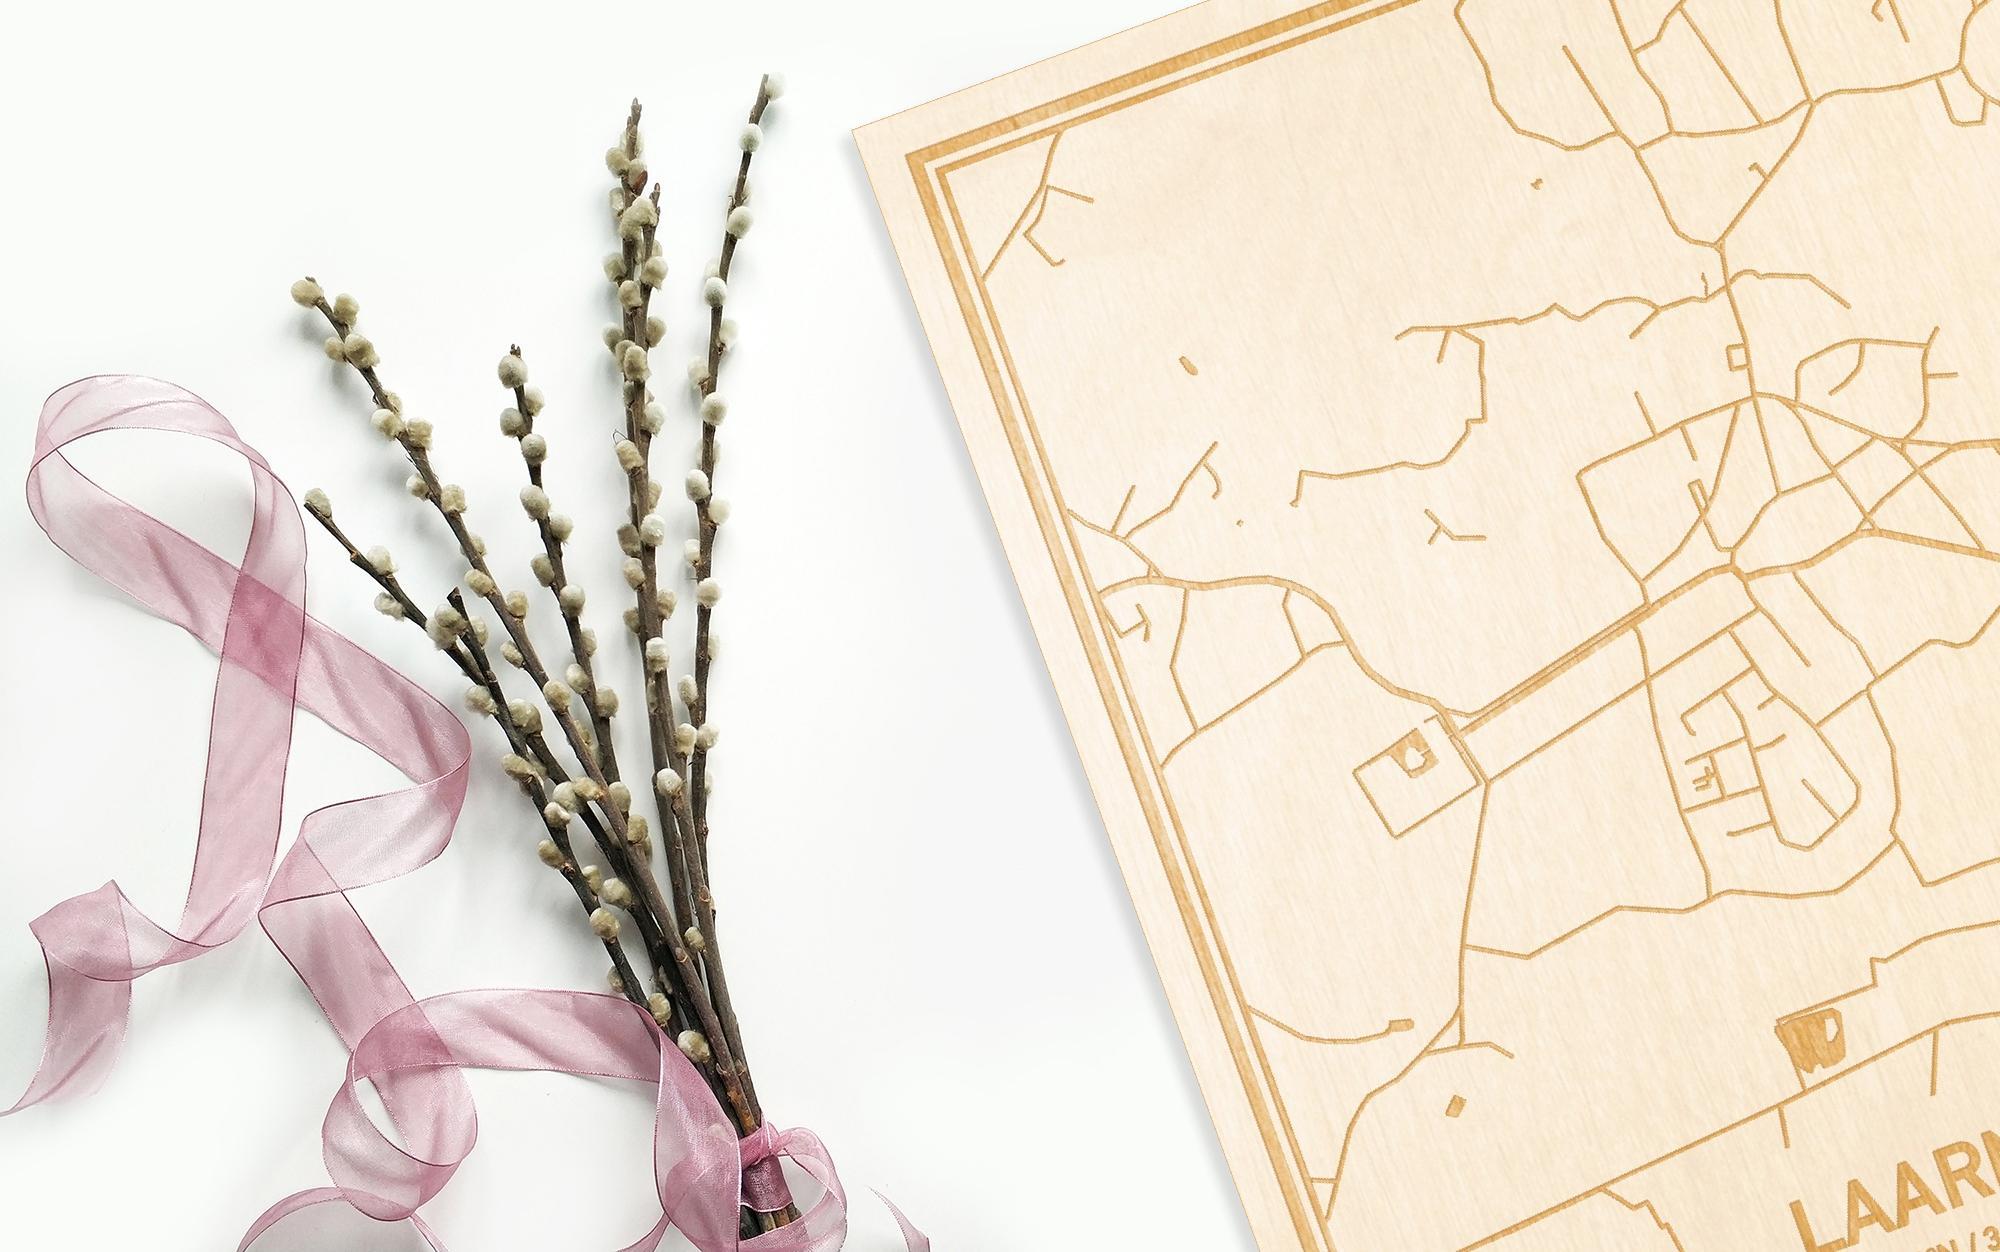 Hier ligt de houten plattegrond Laarne naast een bloemetje als gepersonaliseerd cadeau voor haar.